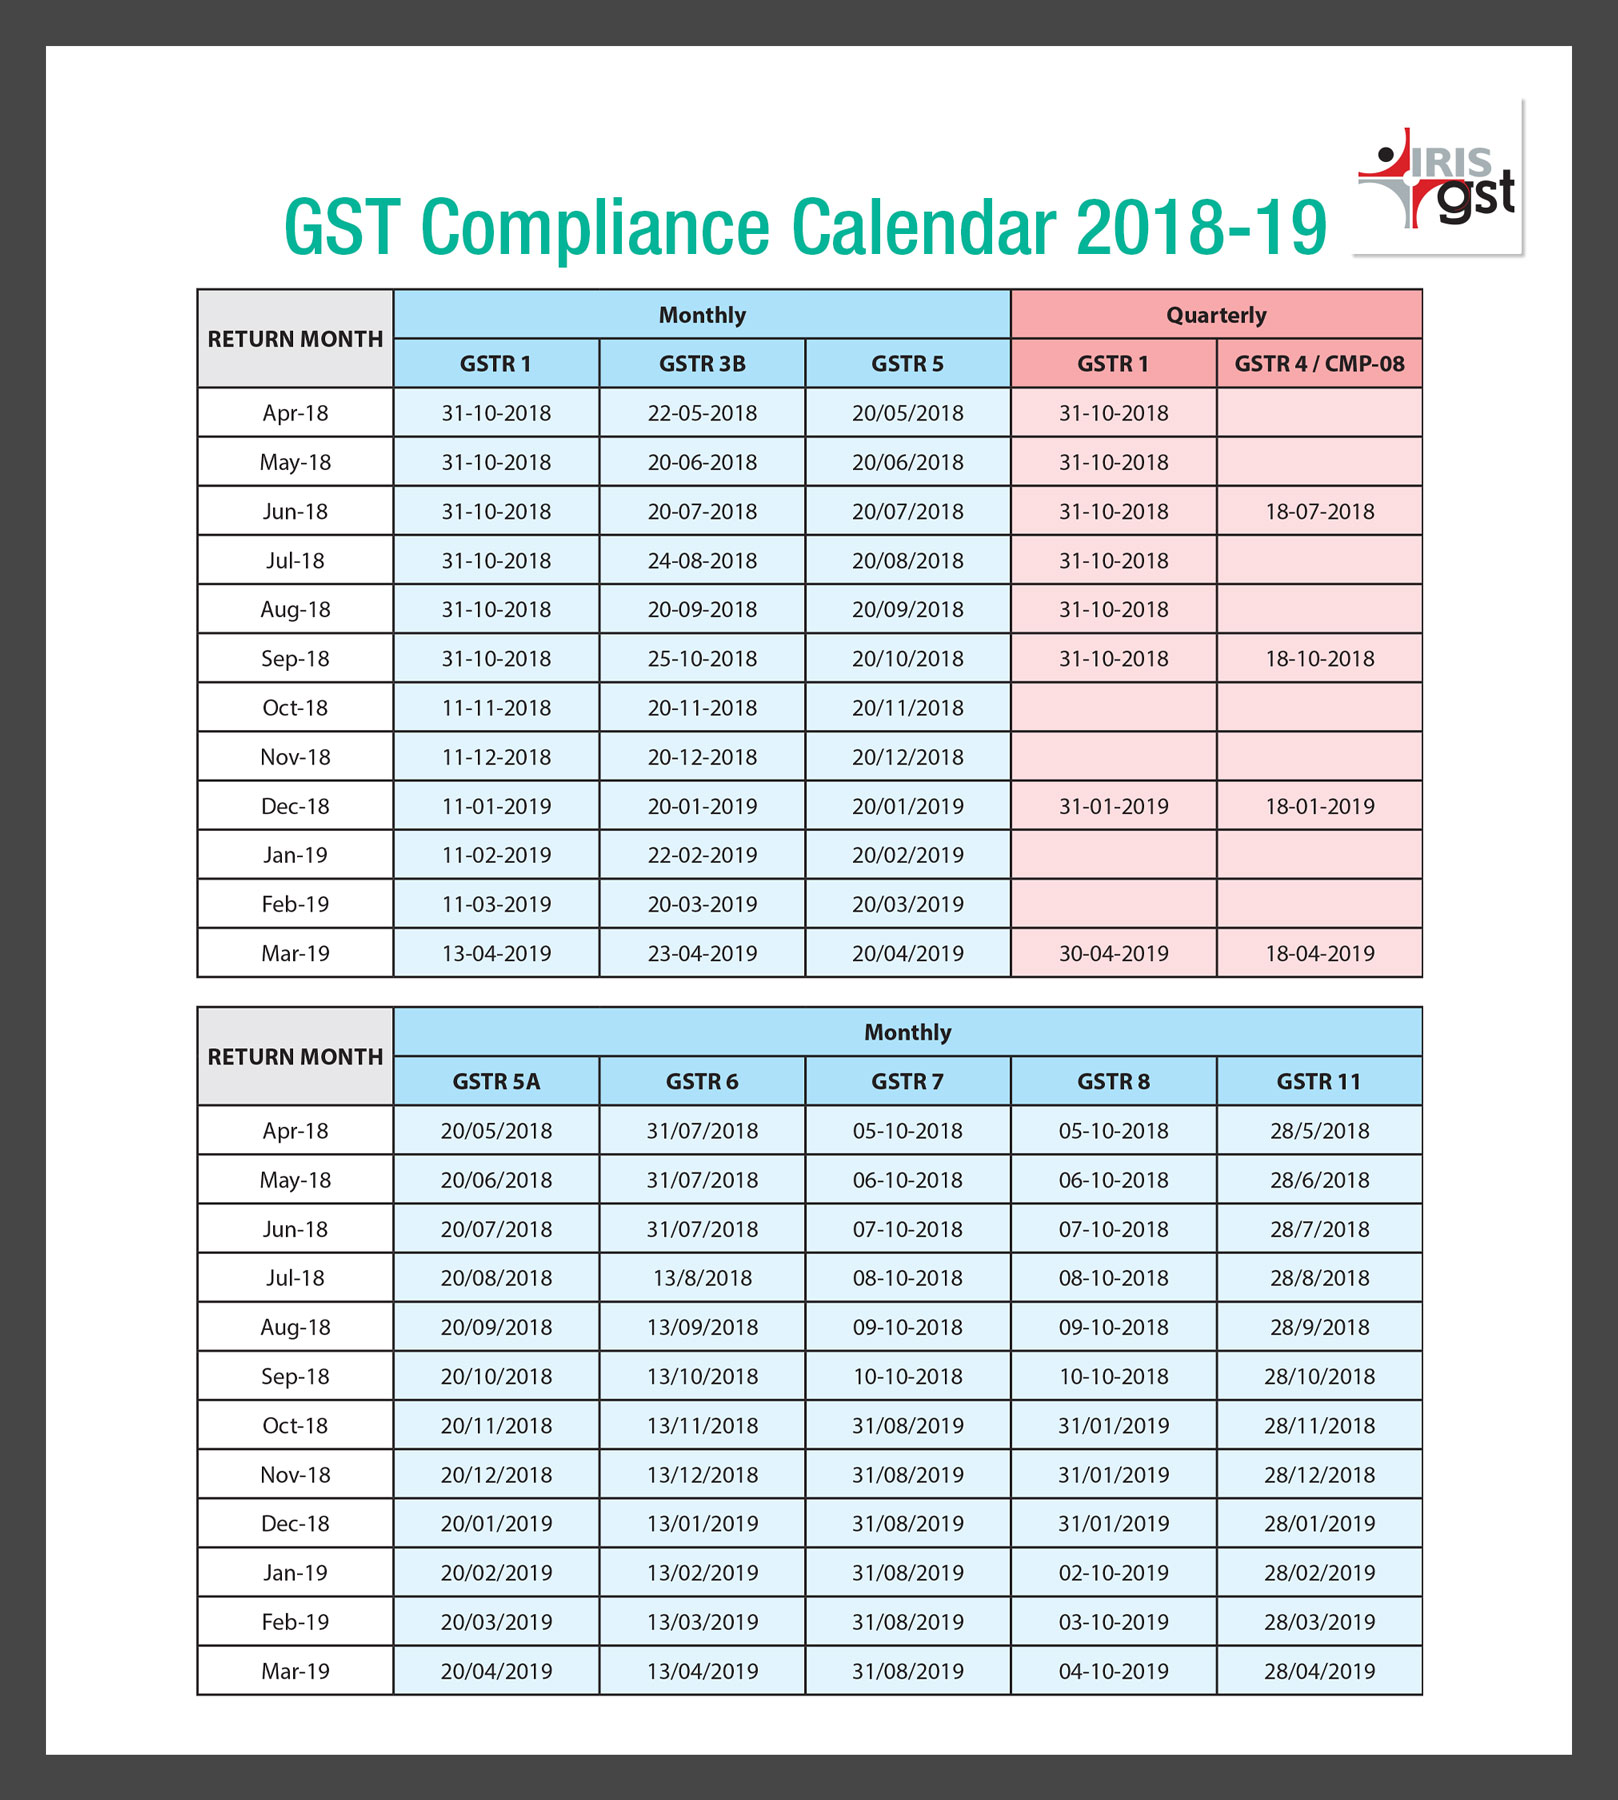 GST-Compliance-Calendar-2018-19_01_Final